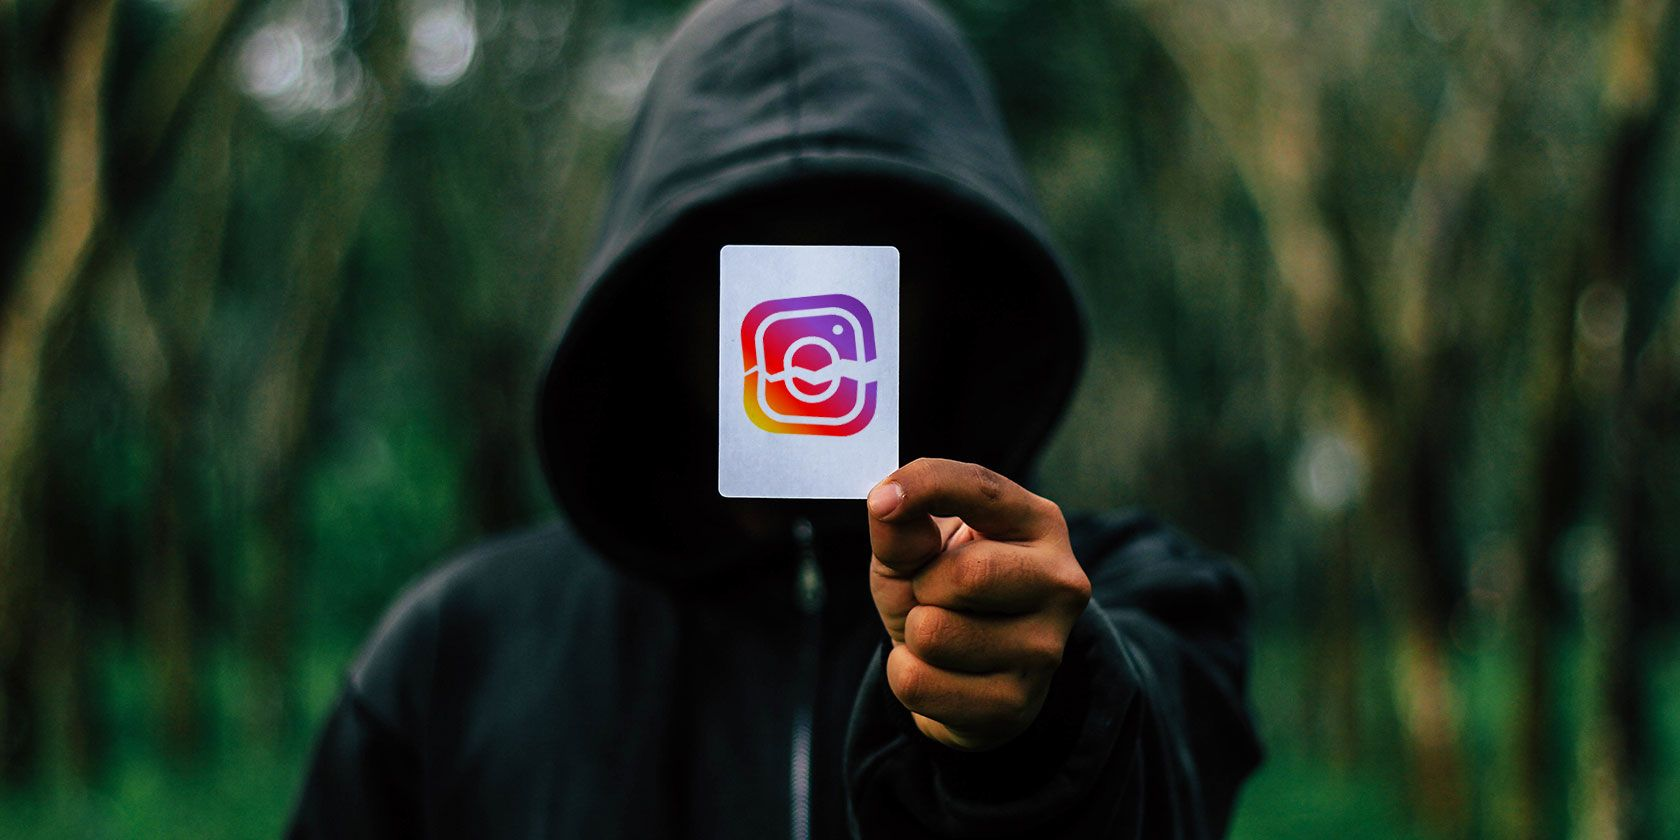 hacking instagram